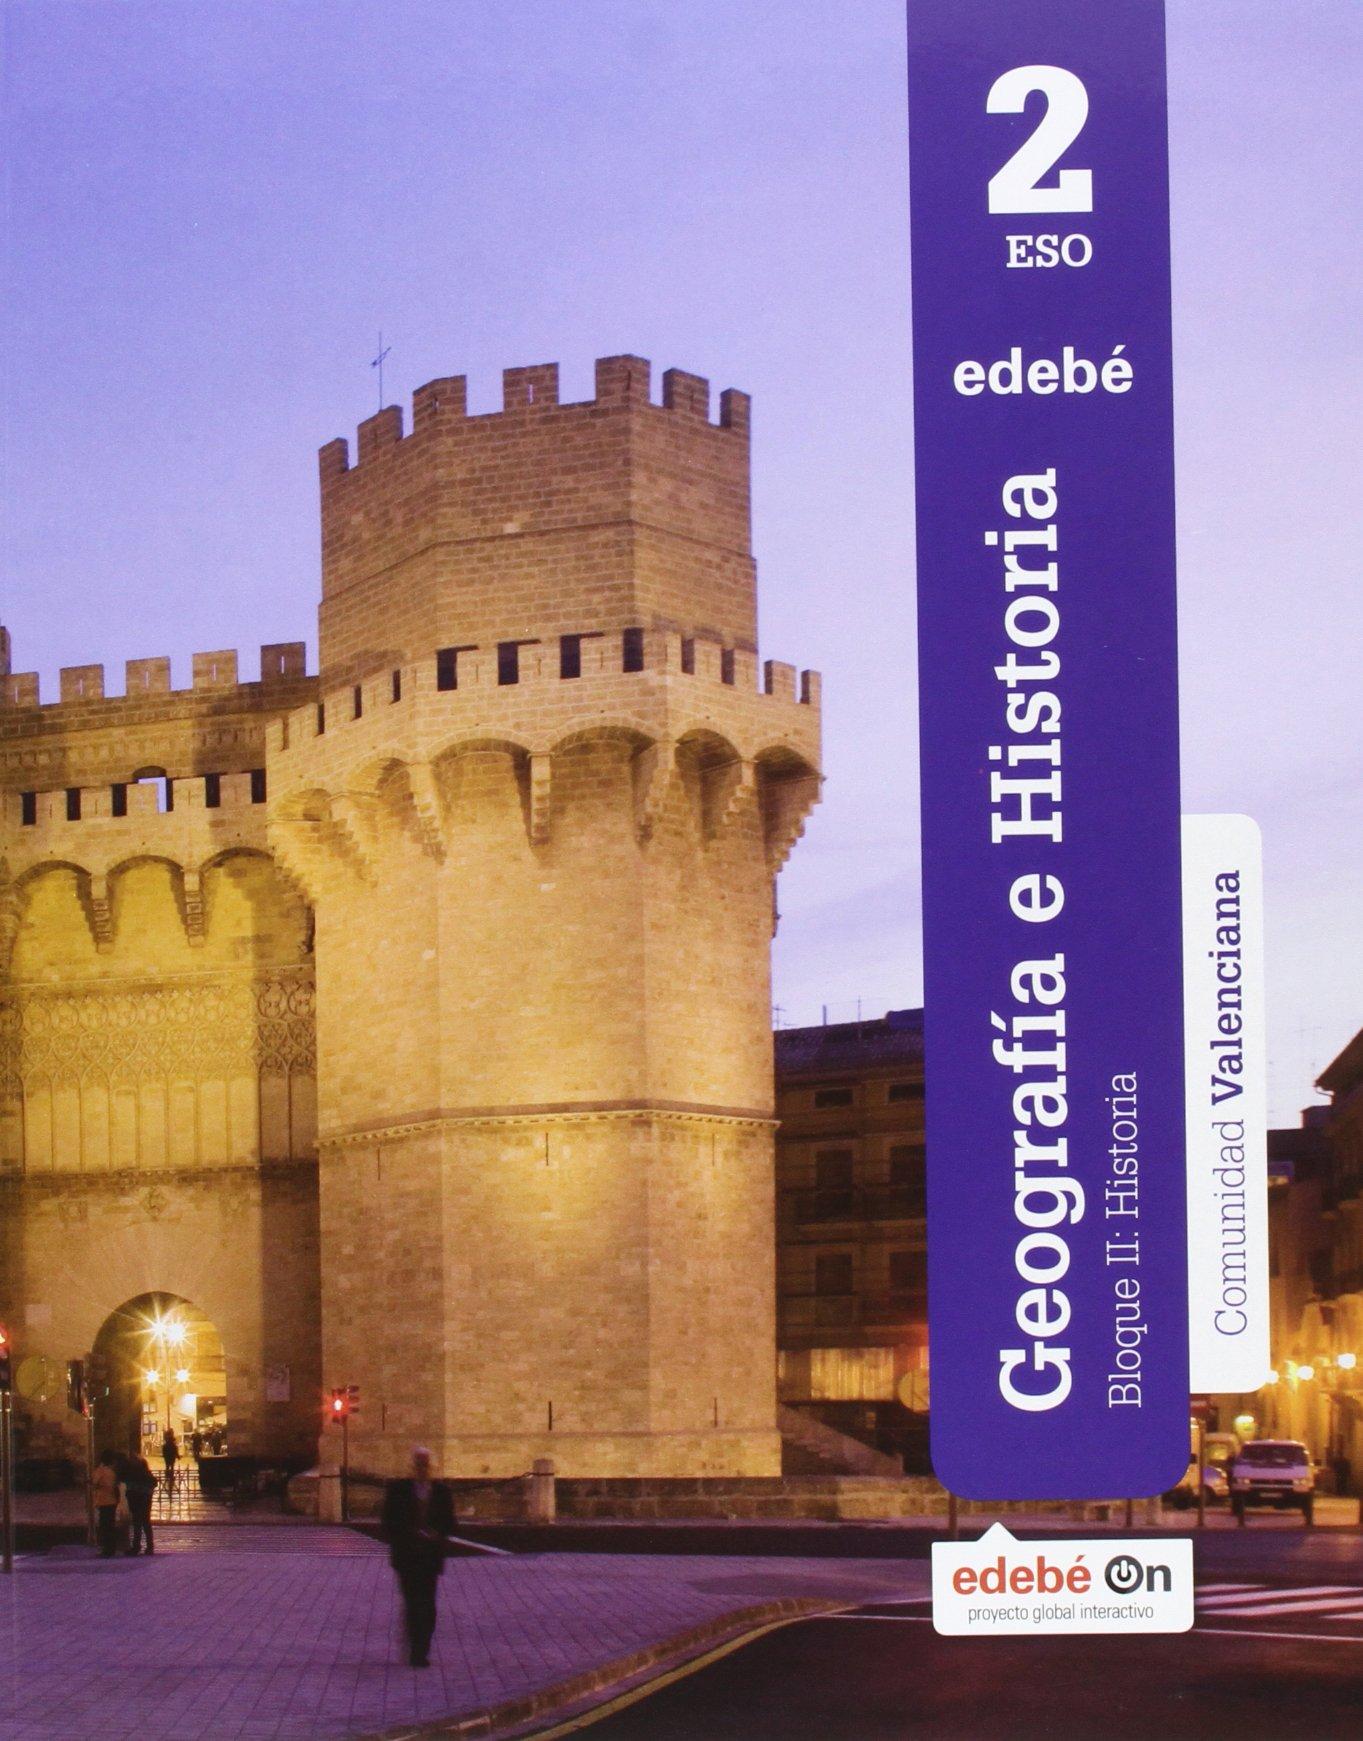 GEOGRAFÍA E HISTORIA 2 - 9788468318547: Amazon.es: Edebé, Obra Colectiva: Libros